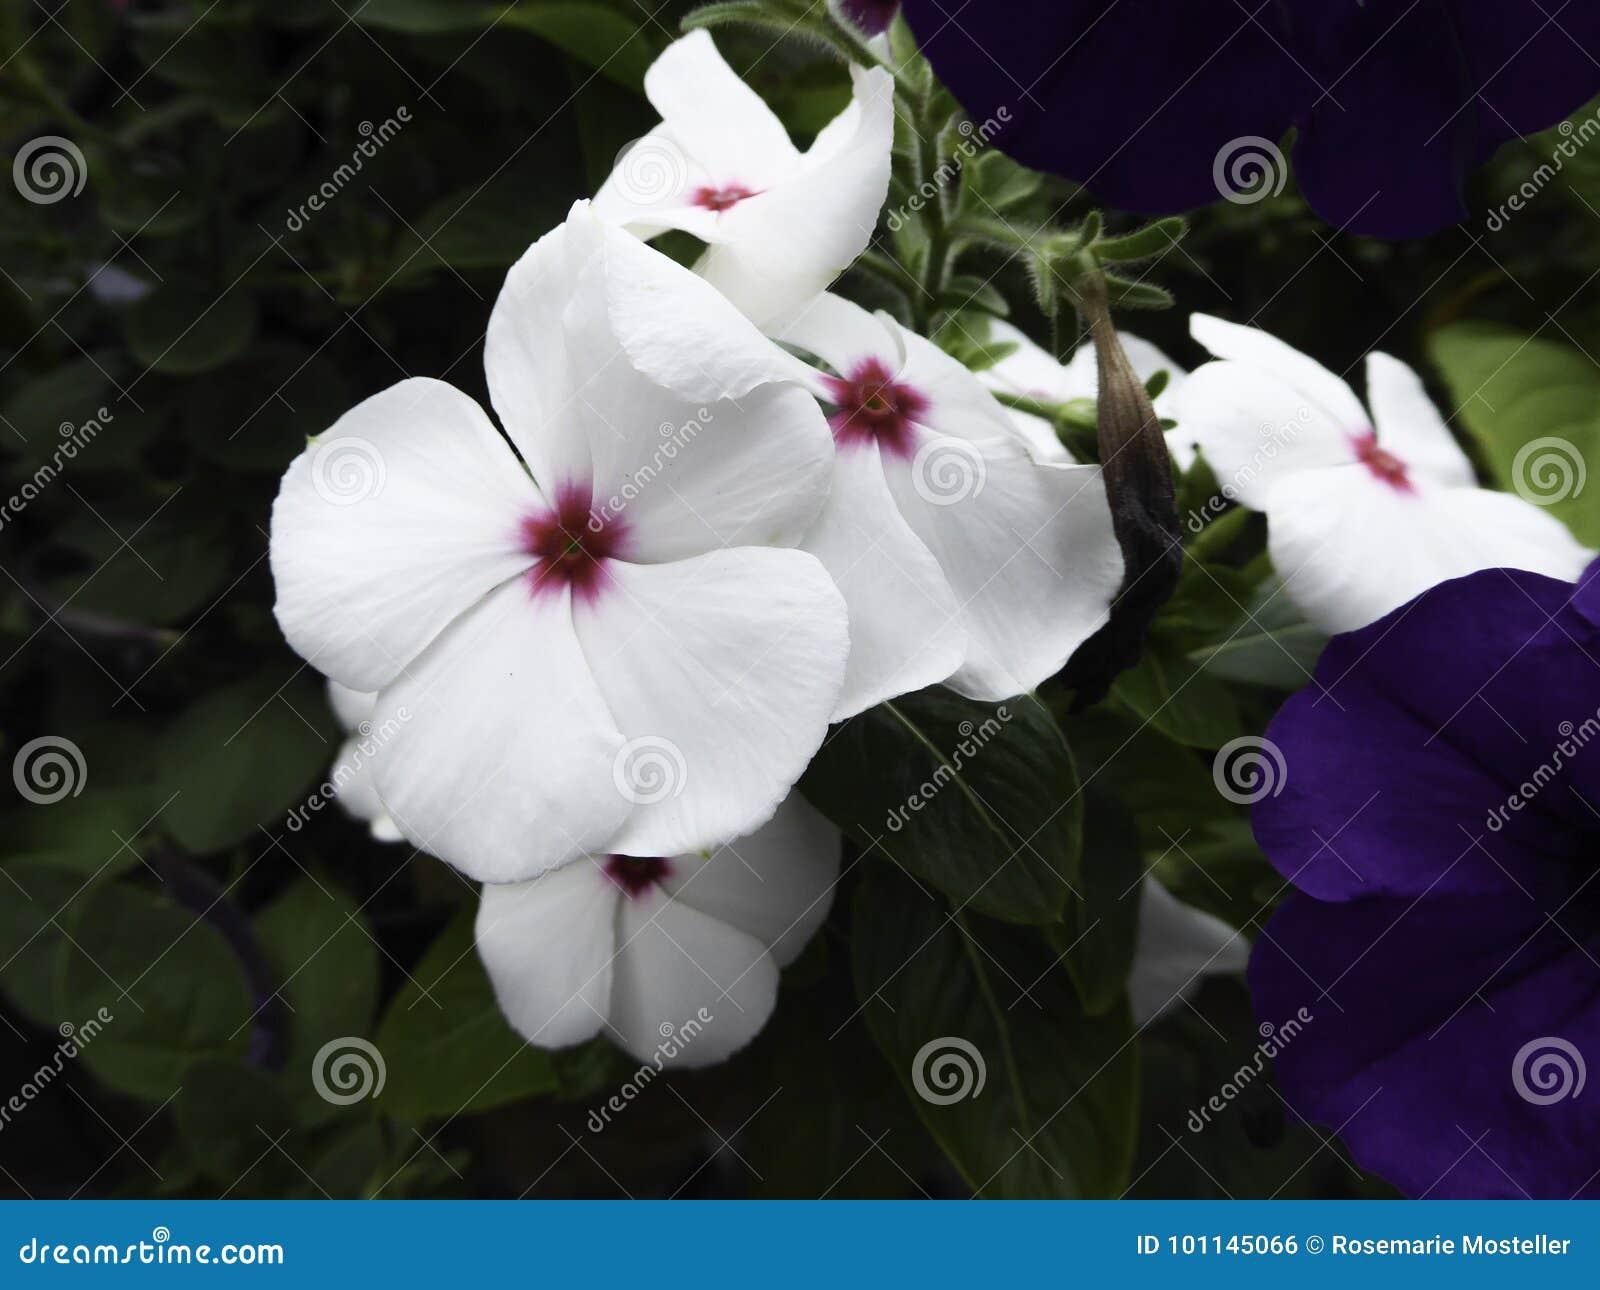 White Vinca Flower Stock Photo Image Of Summer Bright 101145066